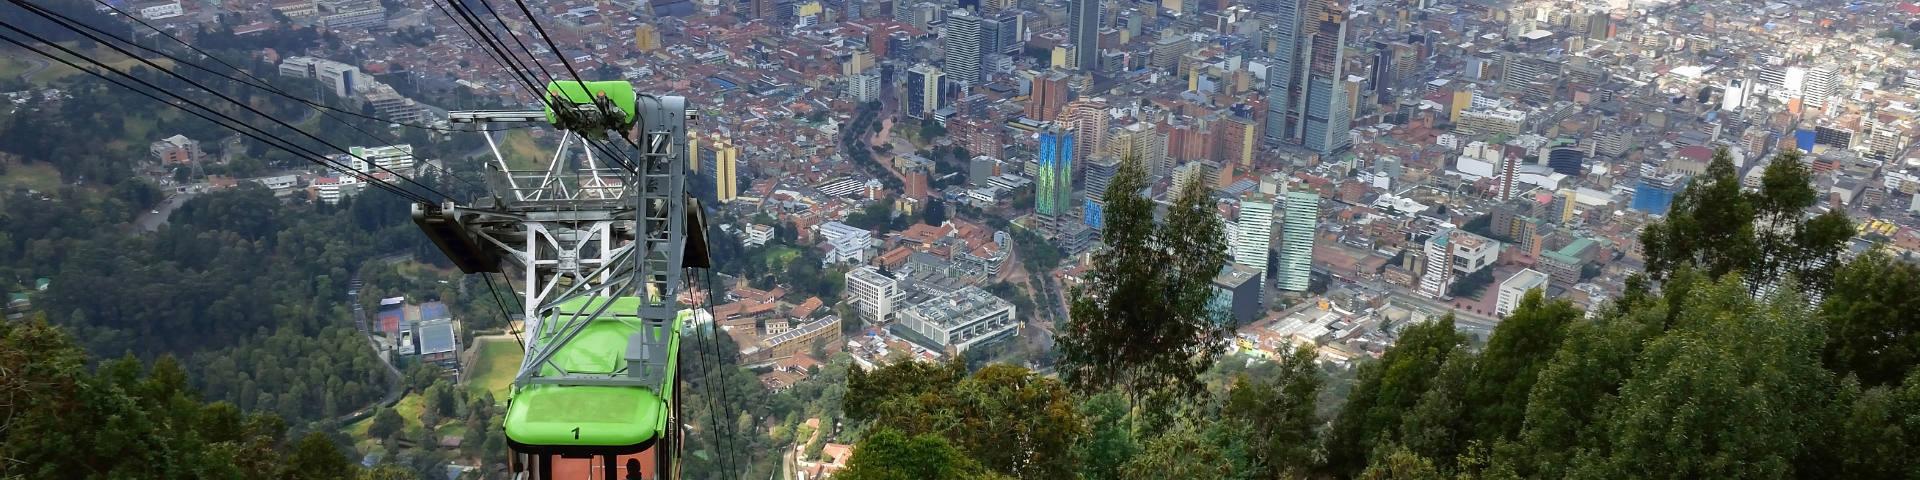 Bogota new hero 2